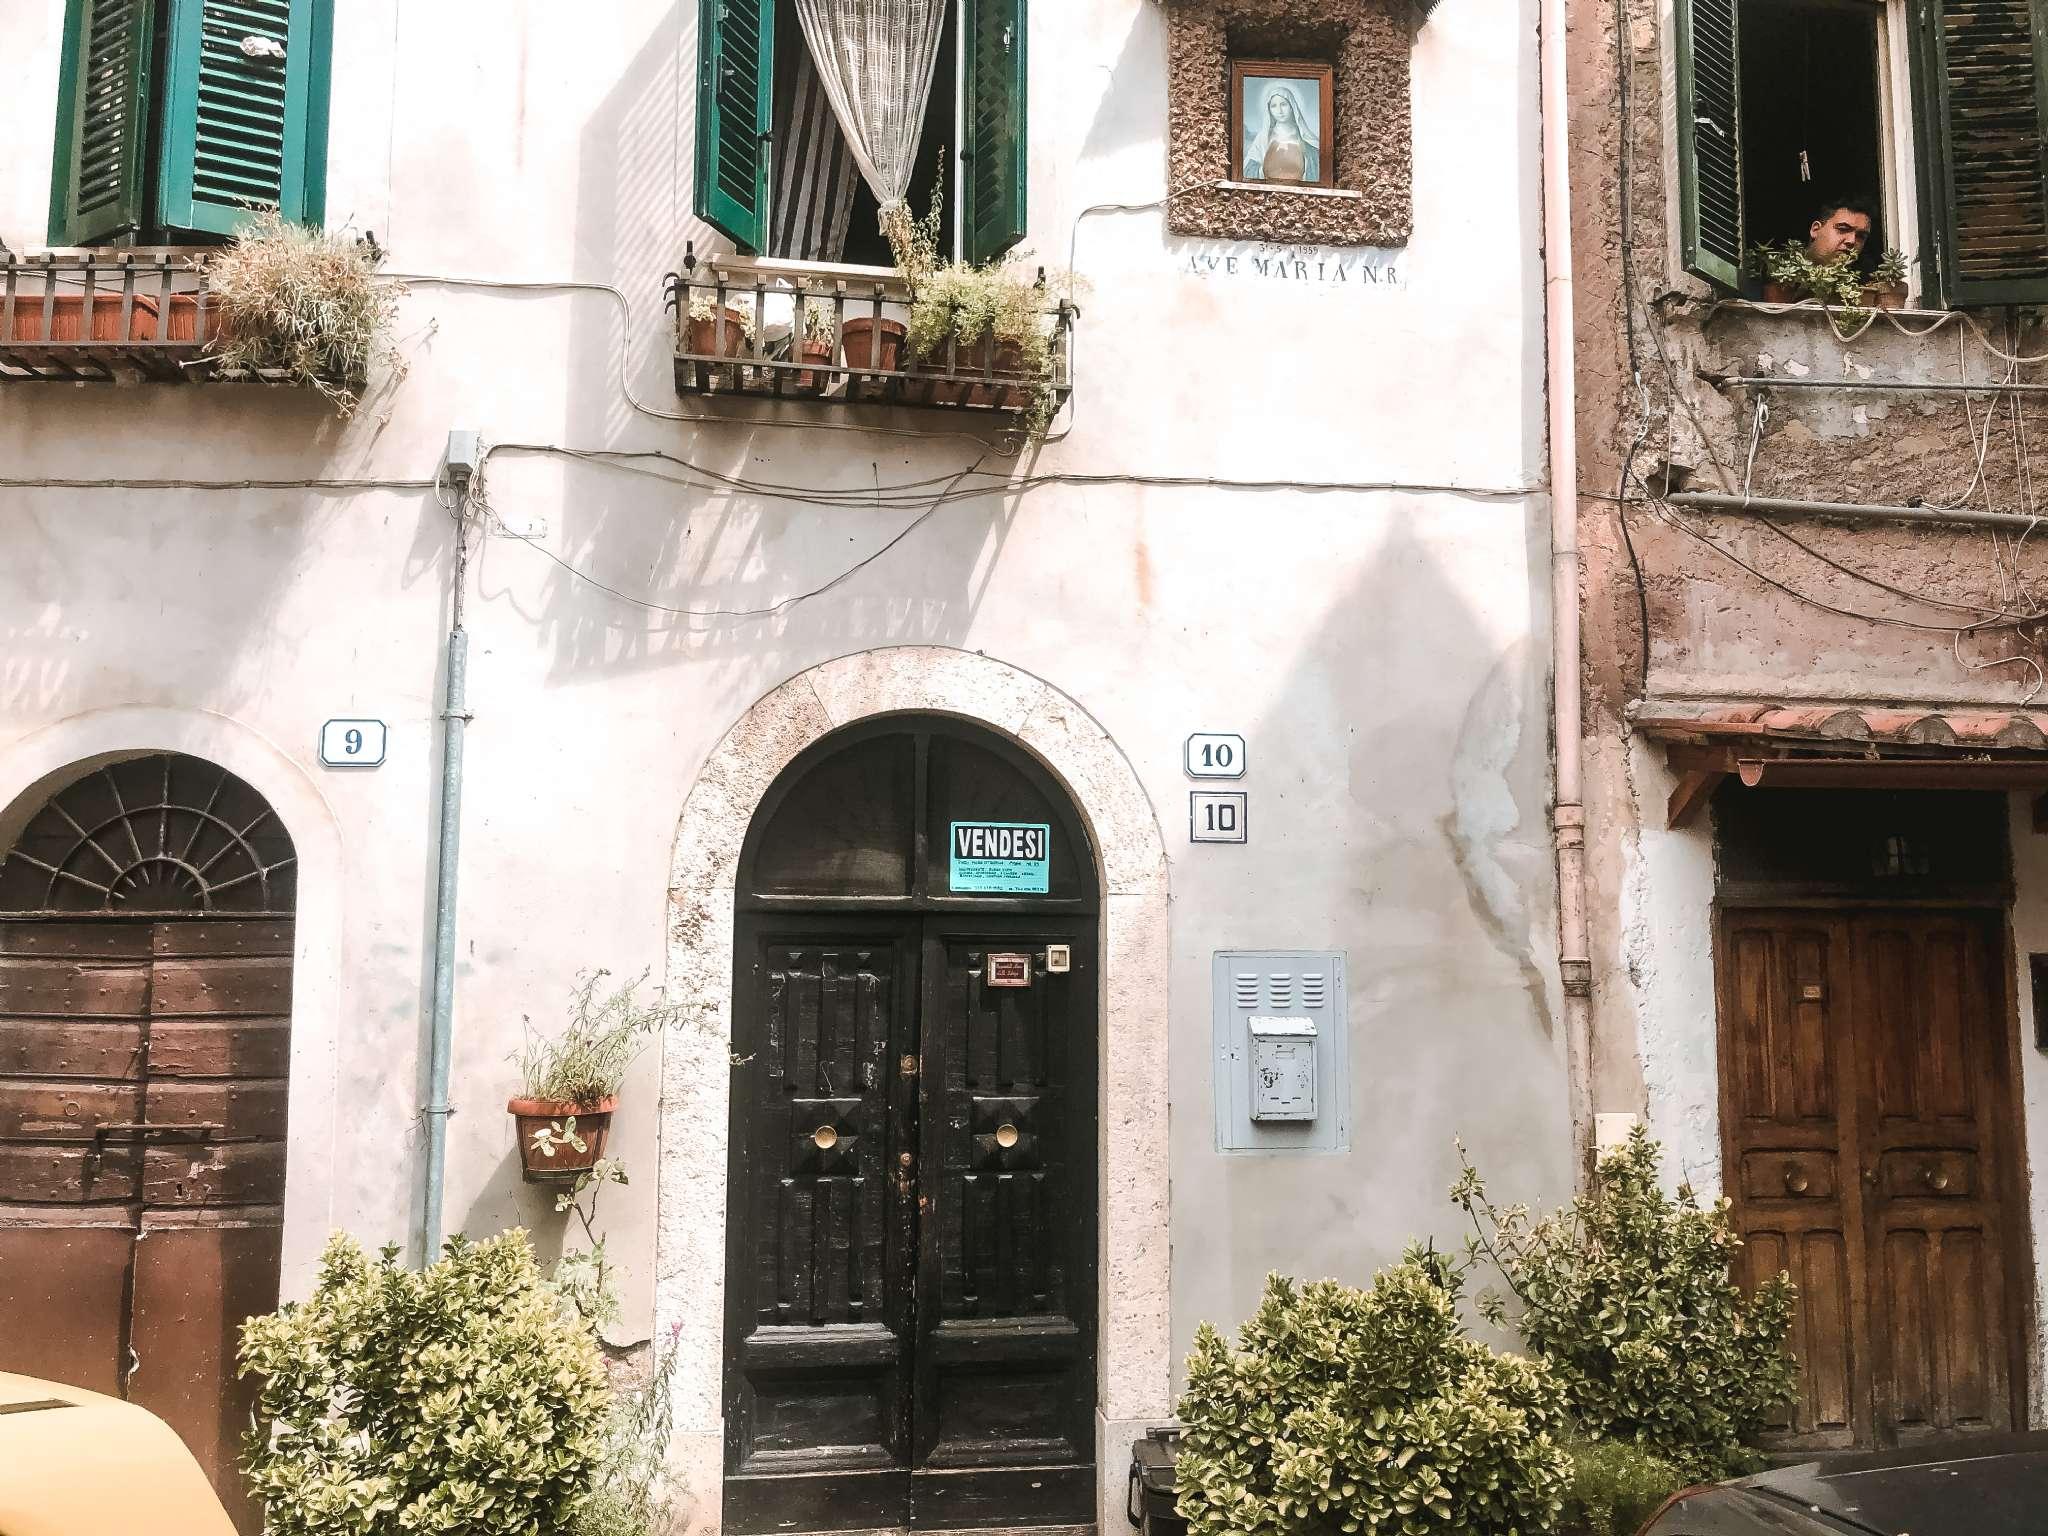 Appartamento in vendita a Tivoli, 3 locali, prezzo € 105.000 | CambioCasa.it